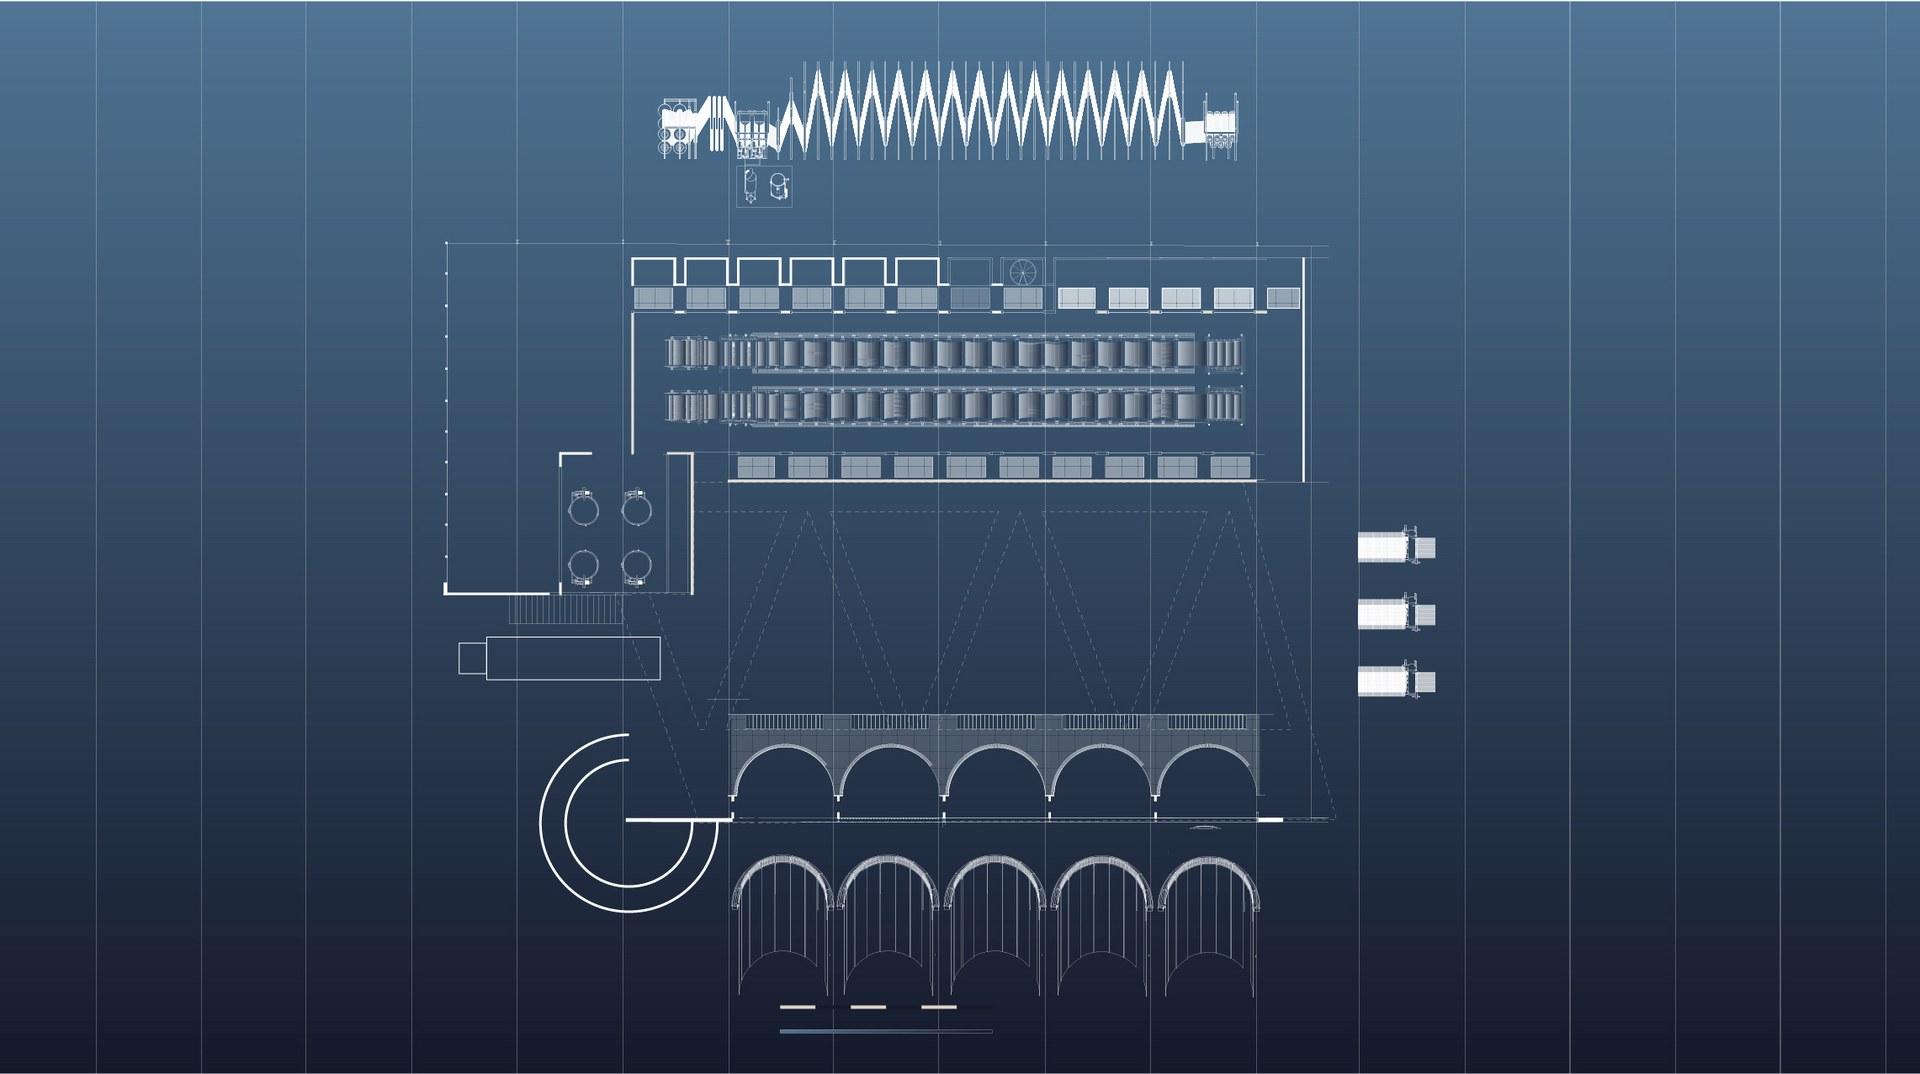 Ground floor Plan (Machinery)